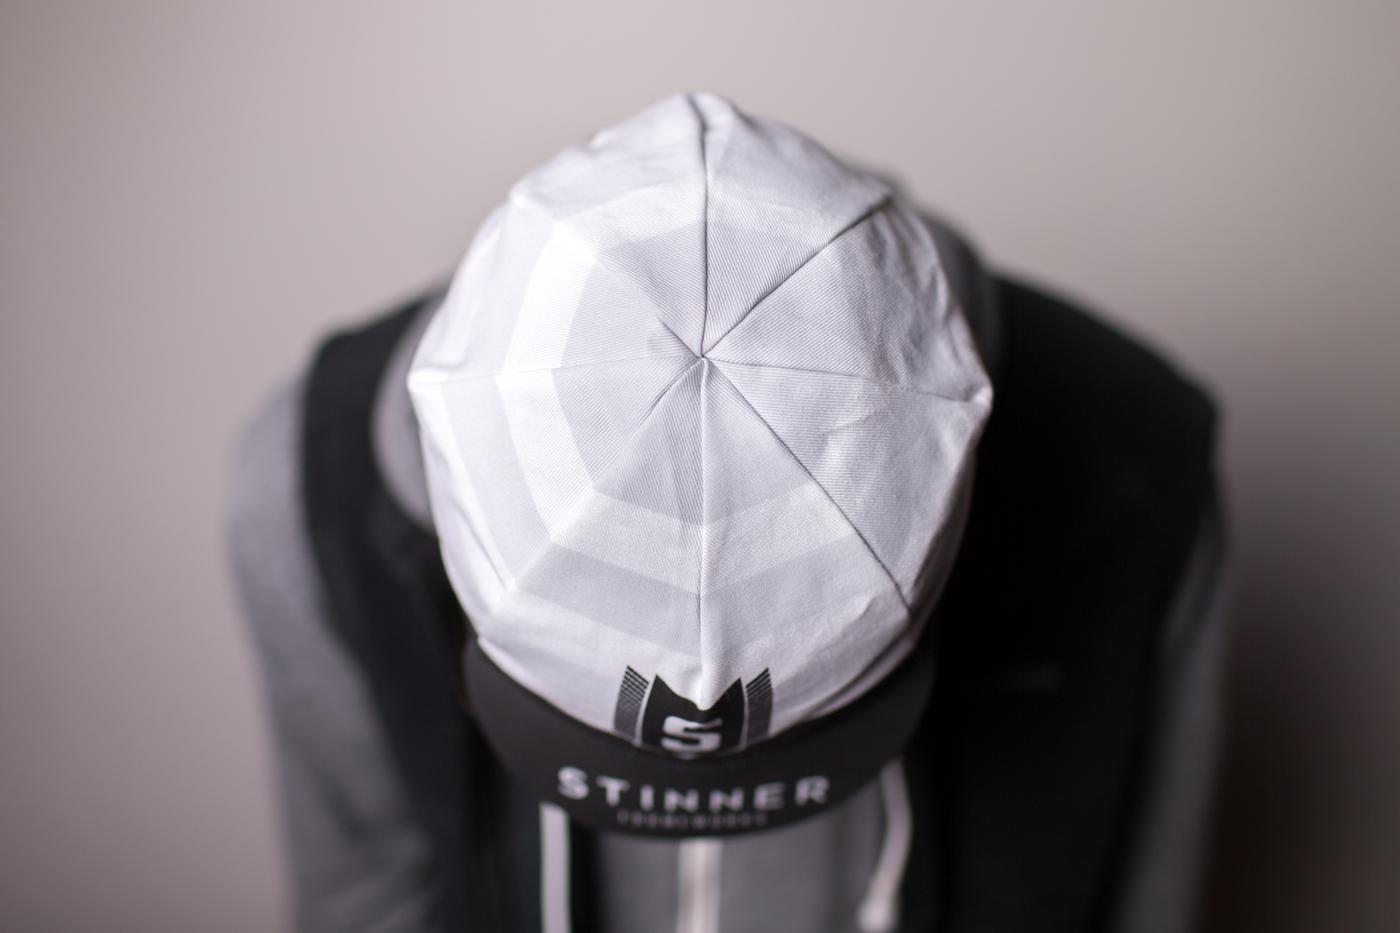 Stinner_Cap-5